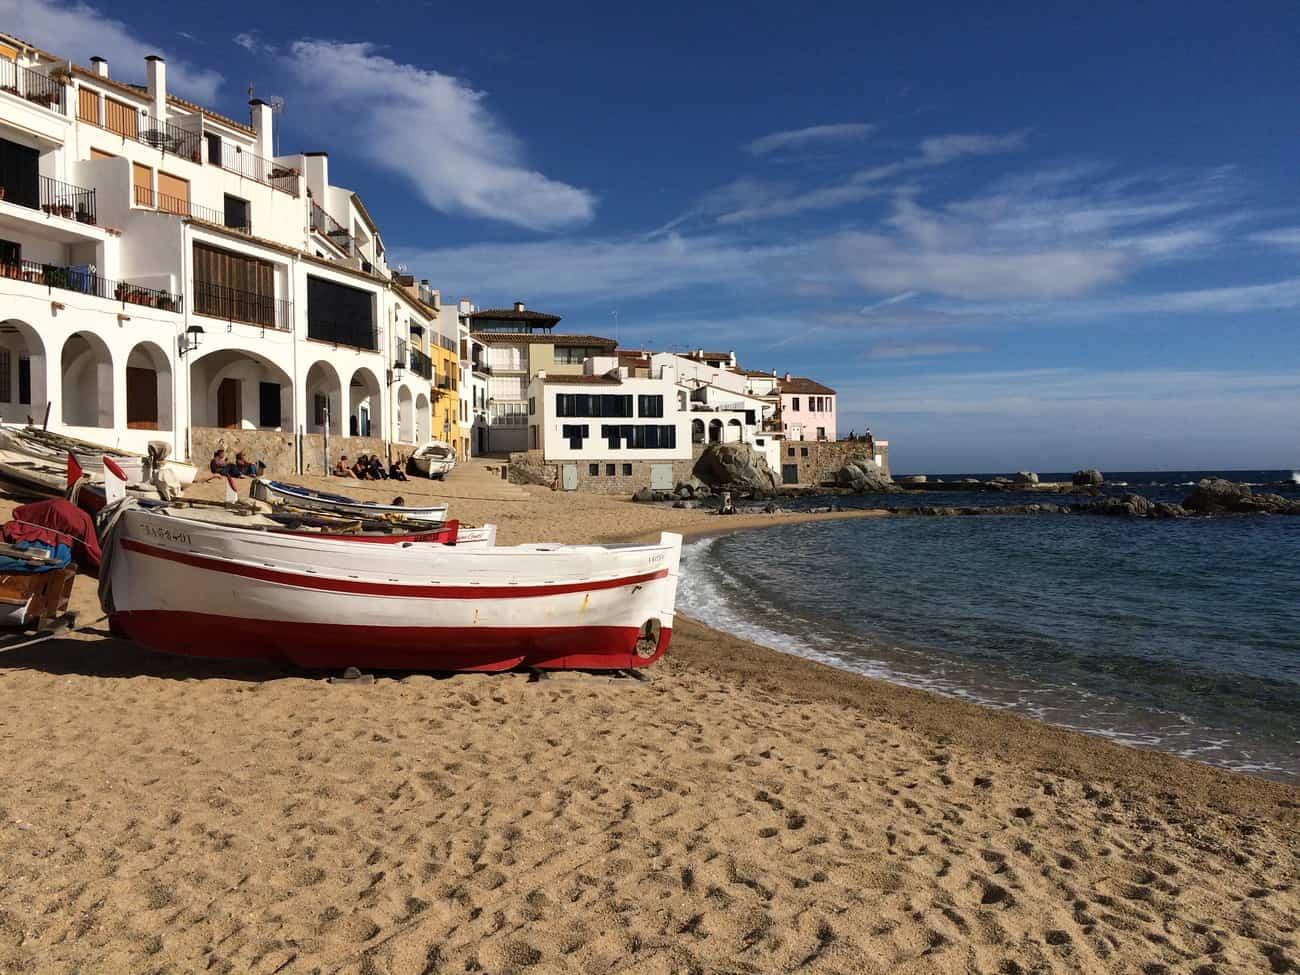 Cami de Ronda - Port Bo - Calella de Palafrugell - fishing boats